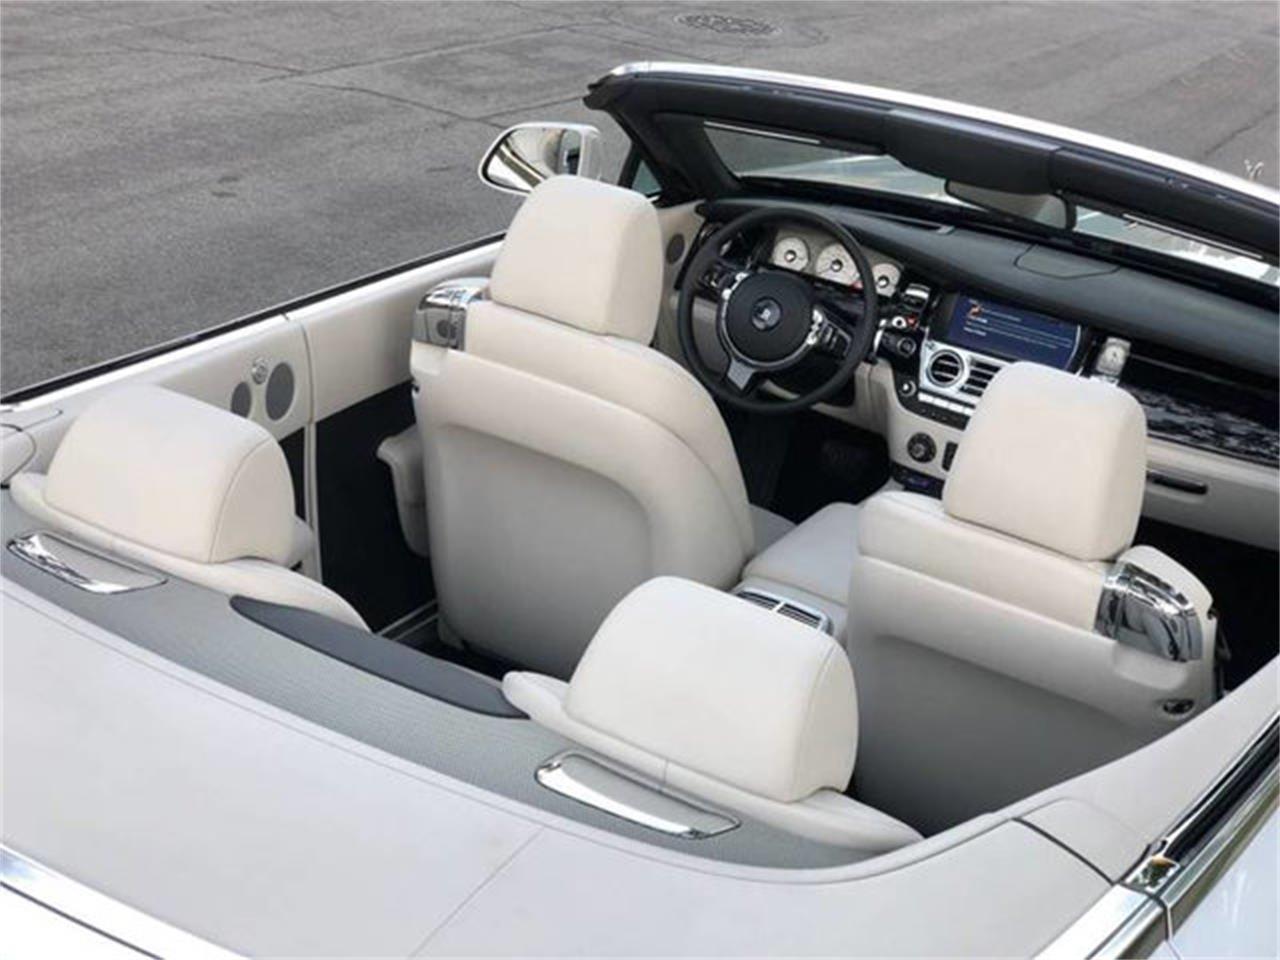 2018 Rolls-Royce Dawn (CC-1254985) for sale in Long Island, New York